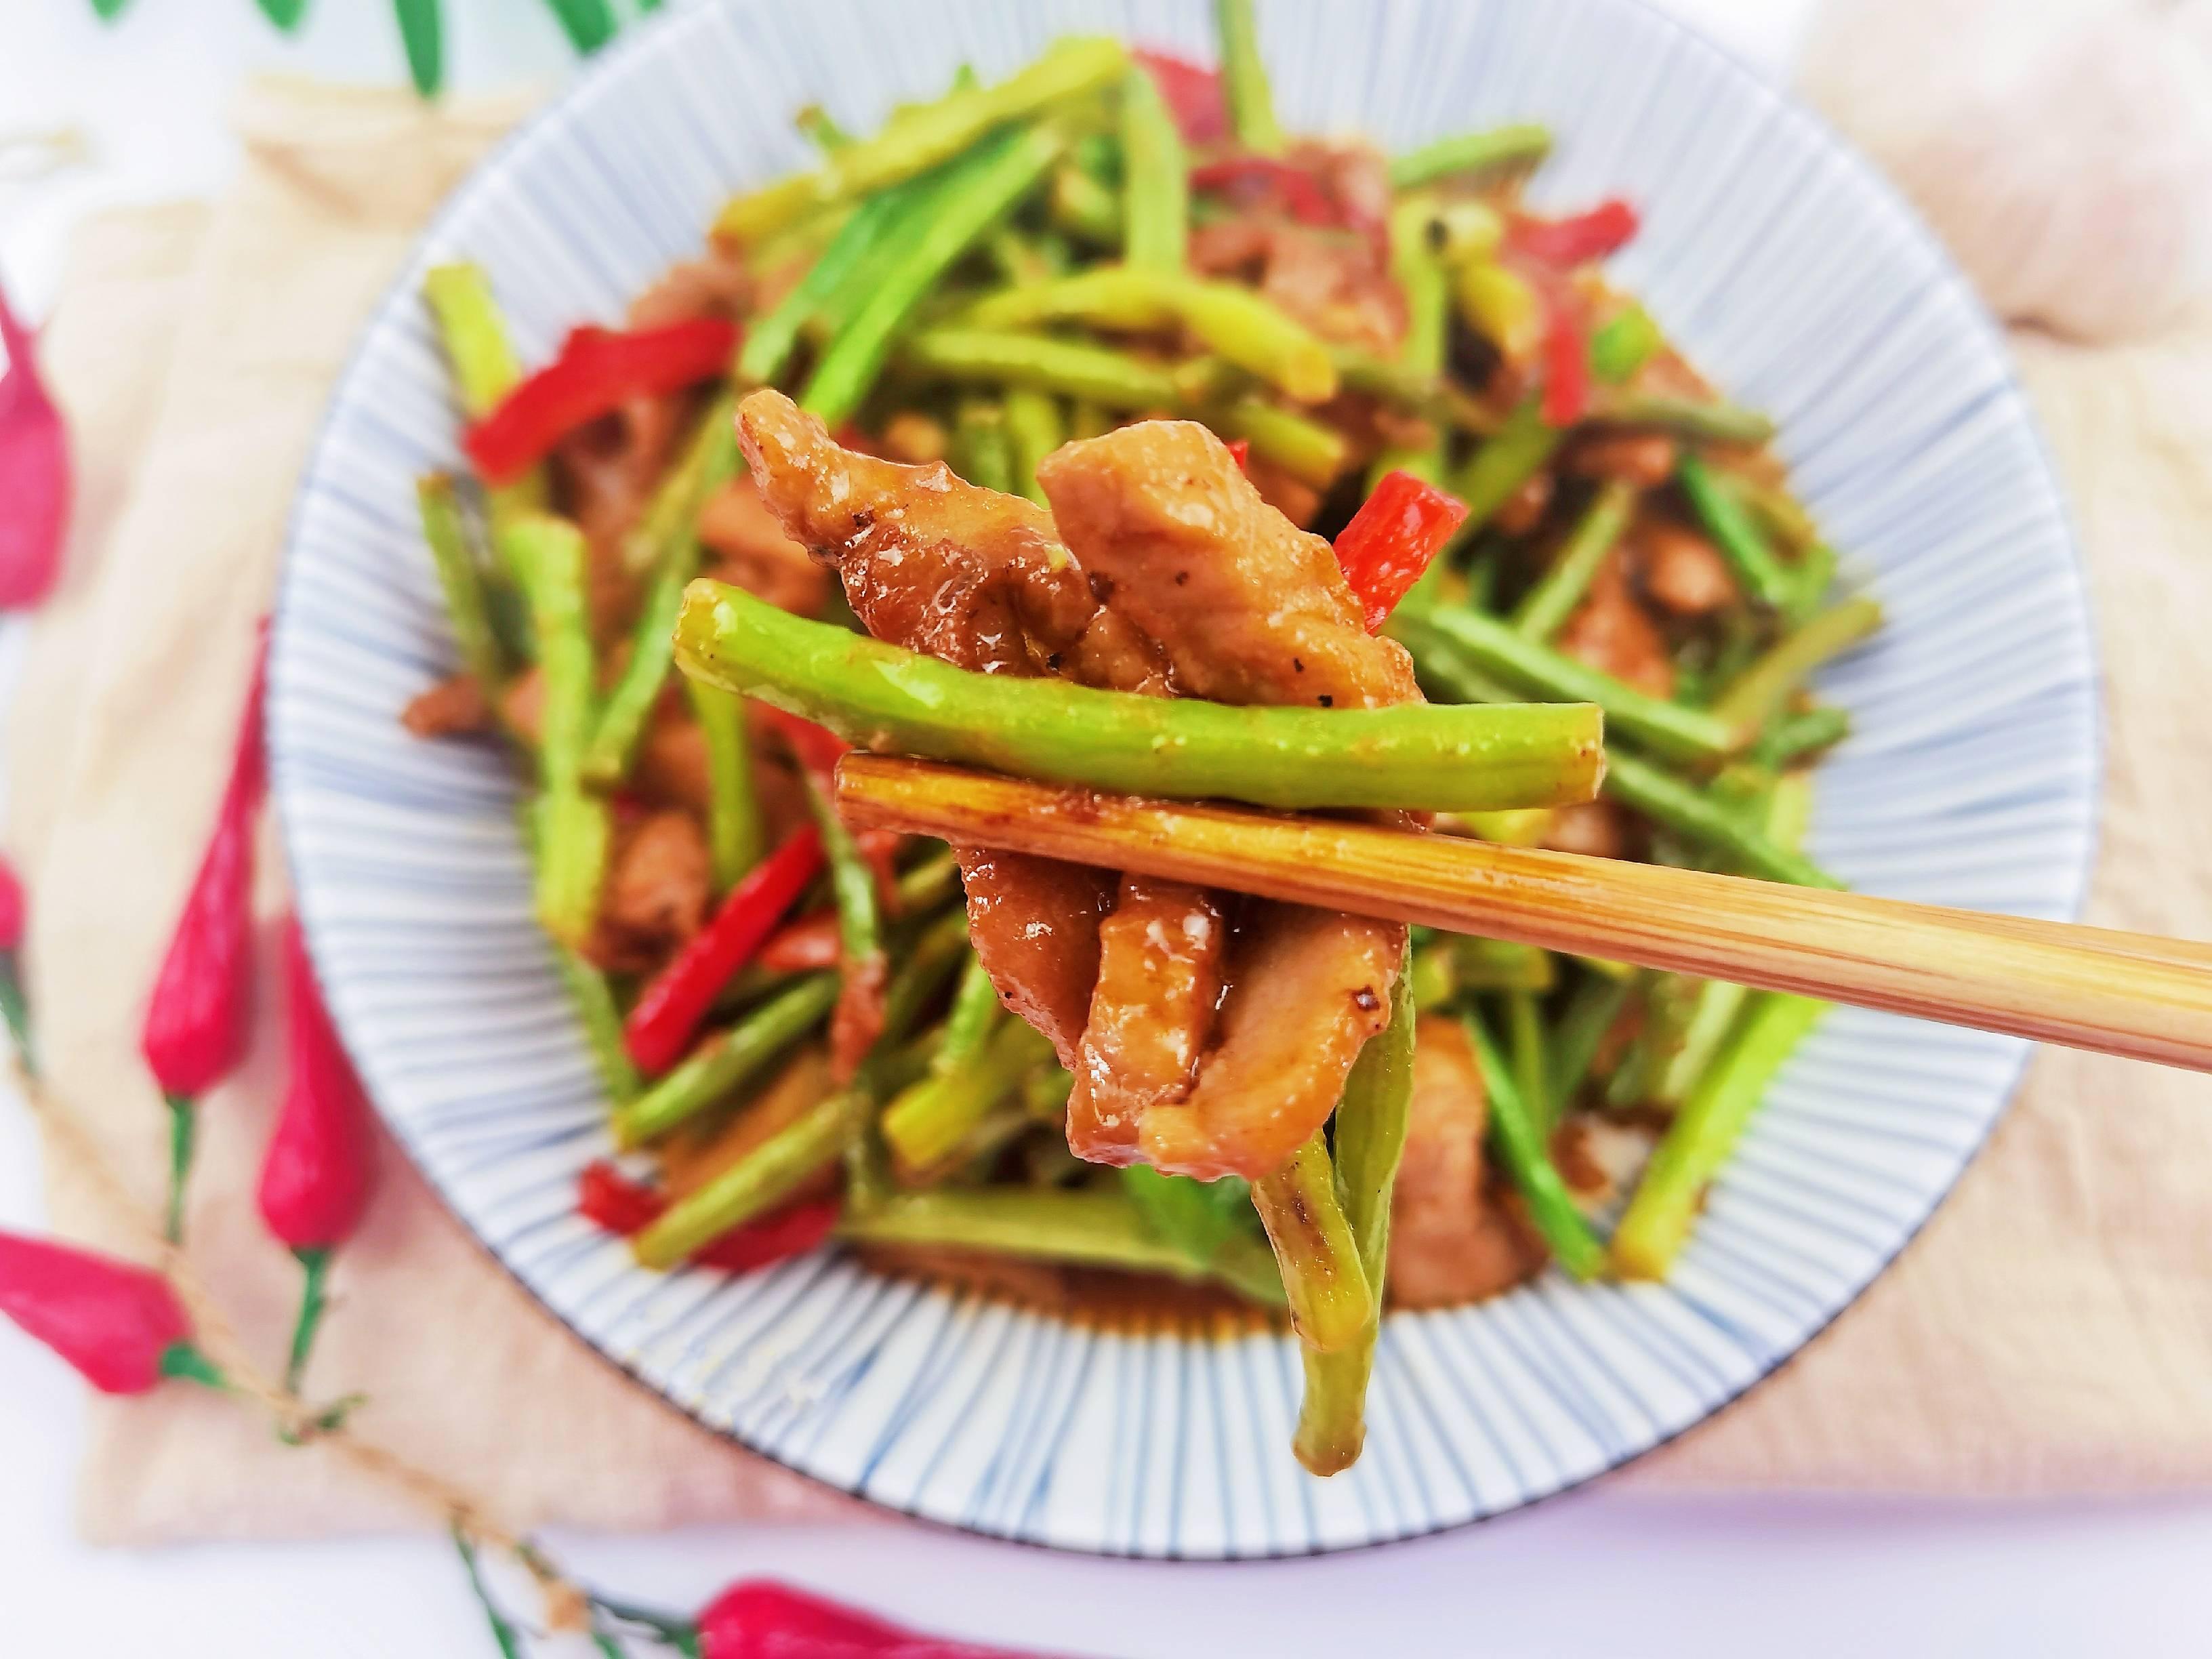 我是半滴雨#来自内蒙古#,参赛作品为豇豆角小炒肉,3元1大把的豇豆,怎么做吃不够怎么煮